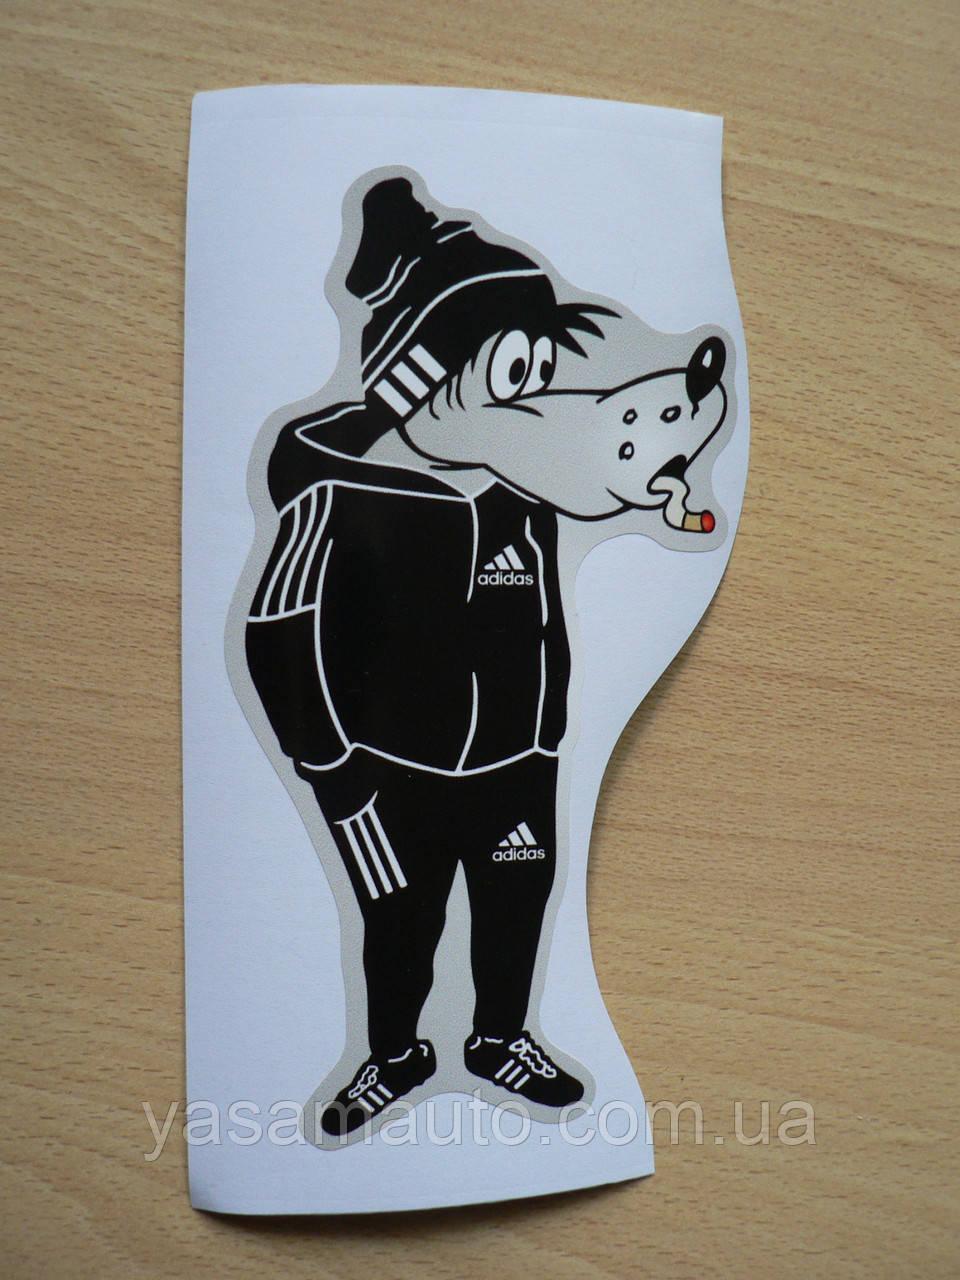 Наклейка пп Ну погоди Волк хулиган 93х173мм №2 спортивный костюм сигарета виниловая цветная на авто